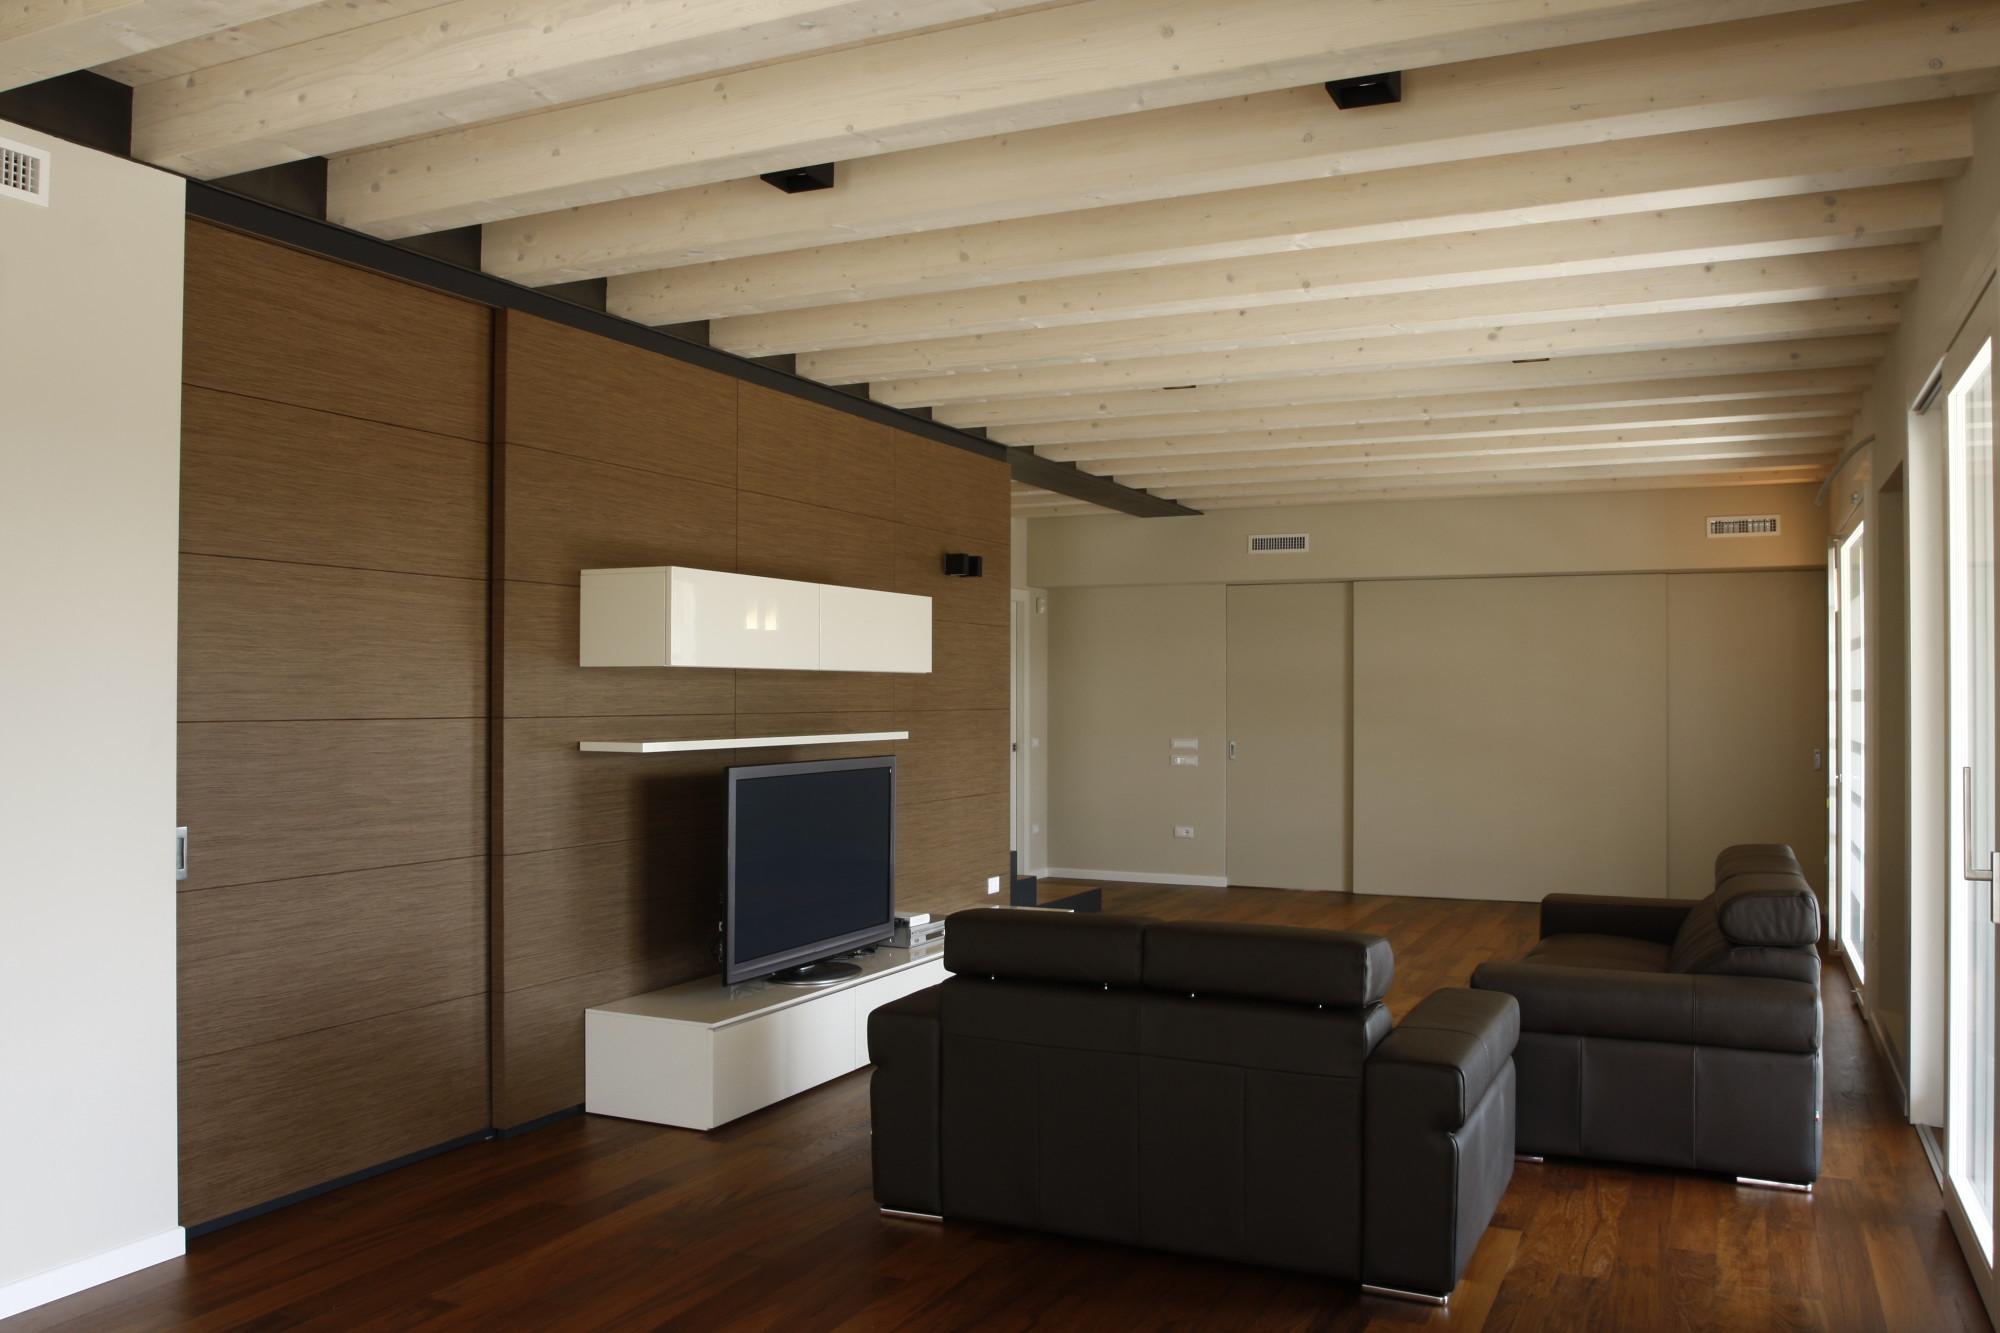 Soffitti In Legno Sbiancati ~ Design casa creativa e mobili ispiratori